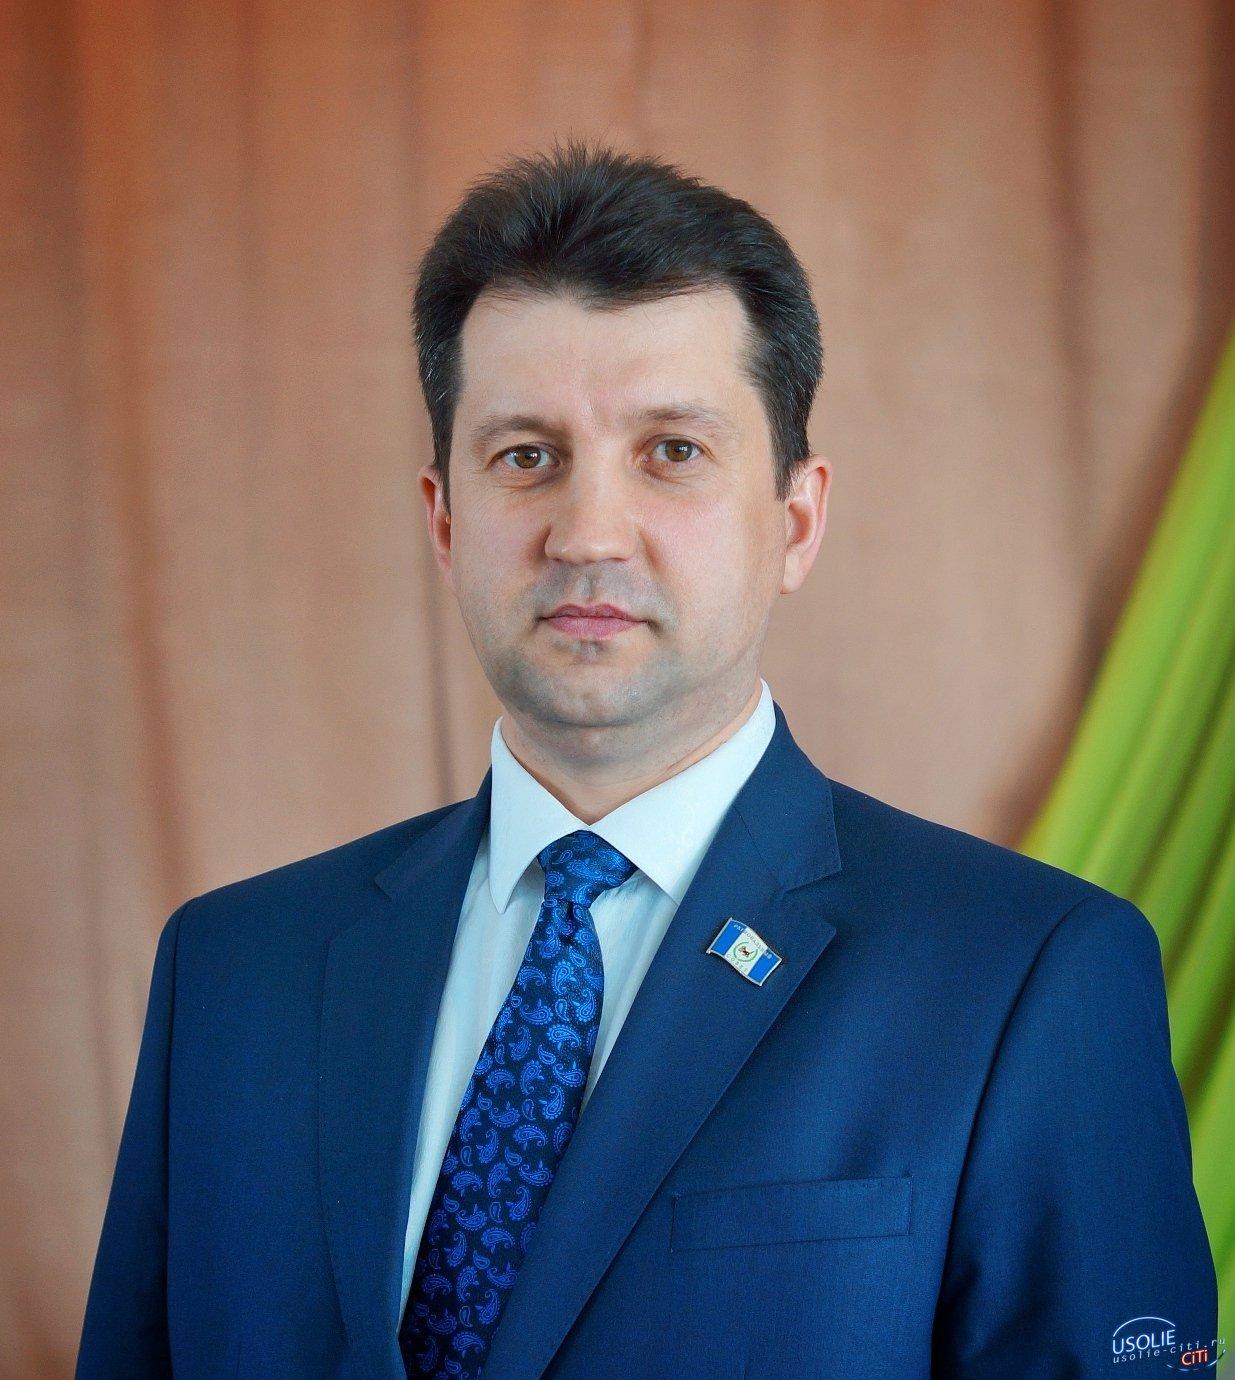 Ёлка мэра  Усольского района состоялась онлайн